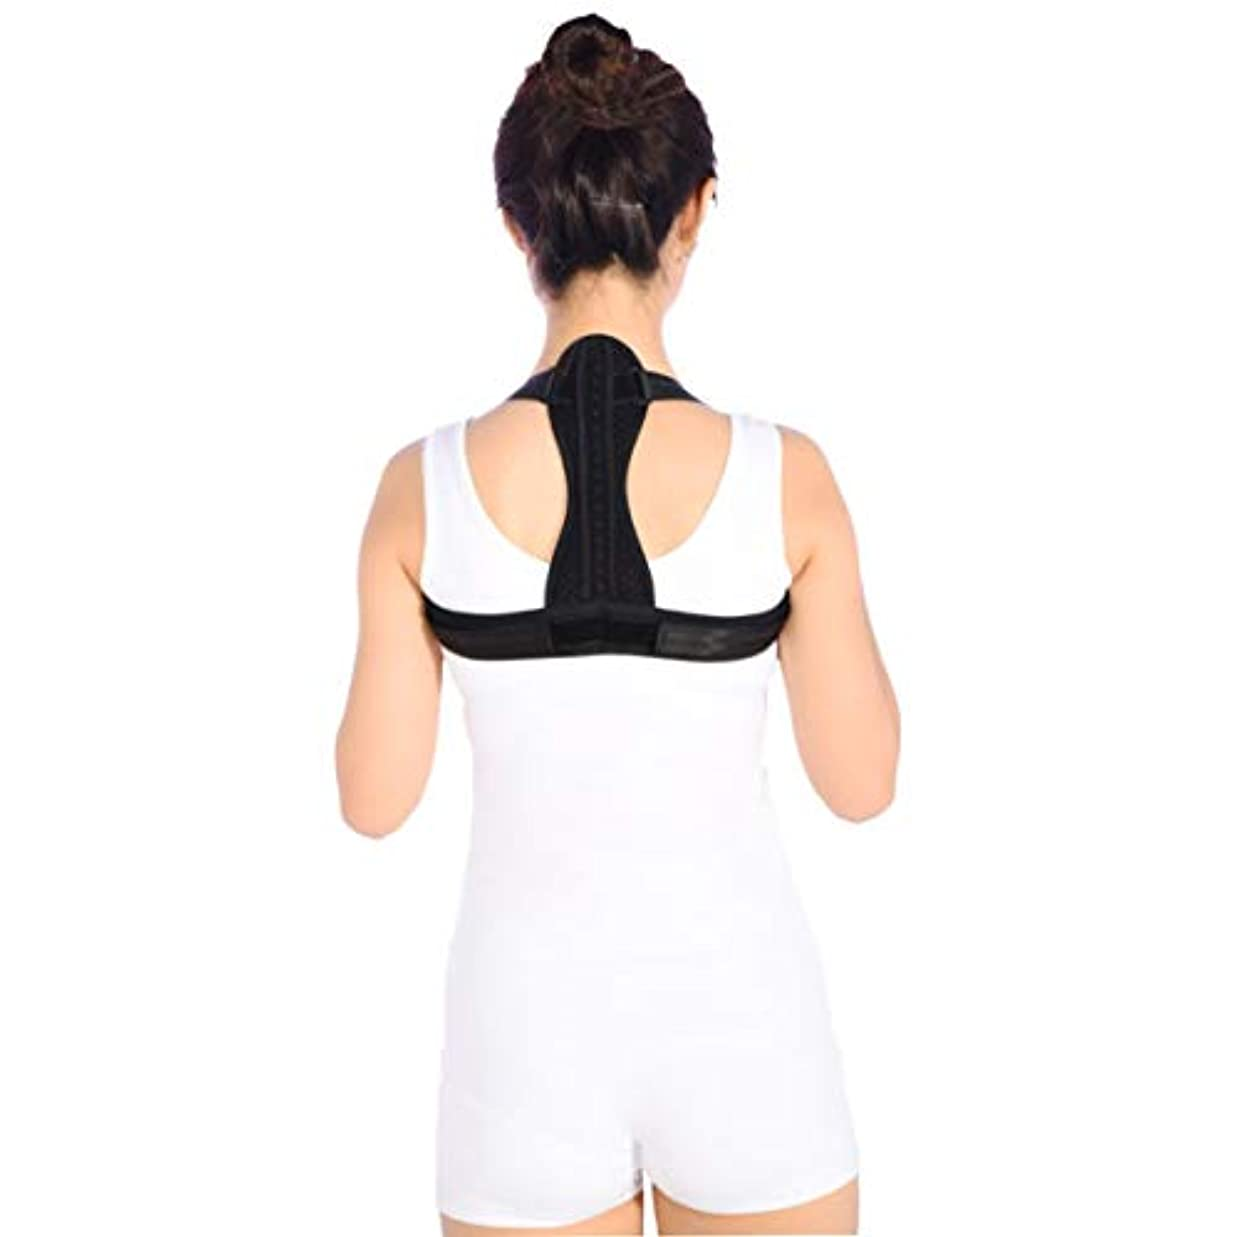 できれば平らなアラブ通気性の脊柱側弯症ザトウクジラ補正ベルト調節可能な快適さ目に見えないベルト男性女性大人学生子供 - 黒